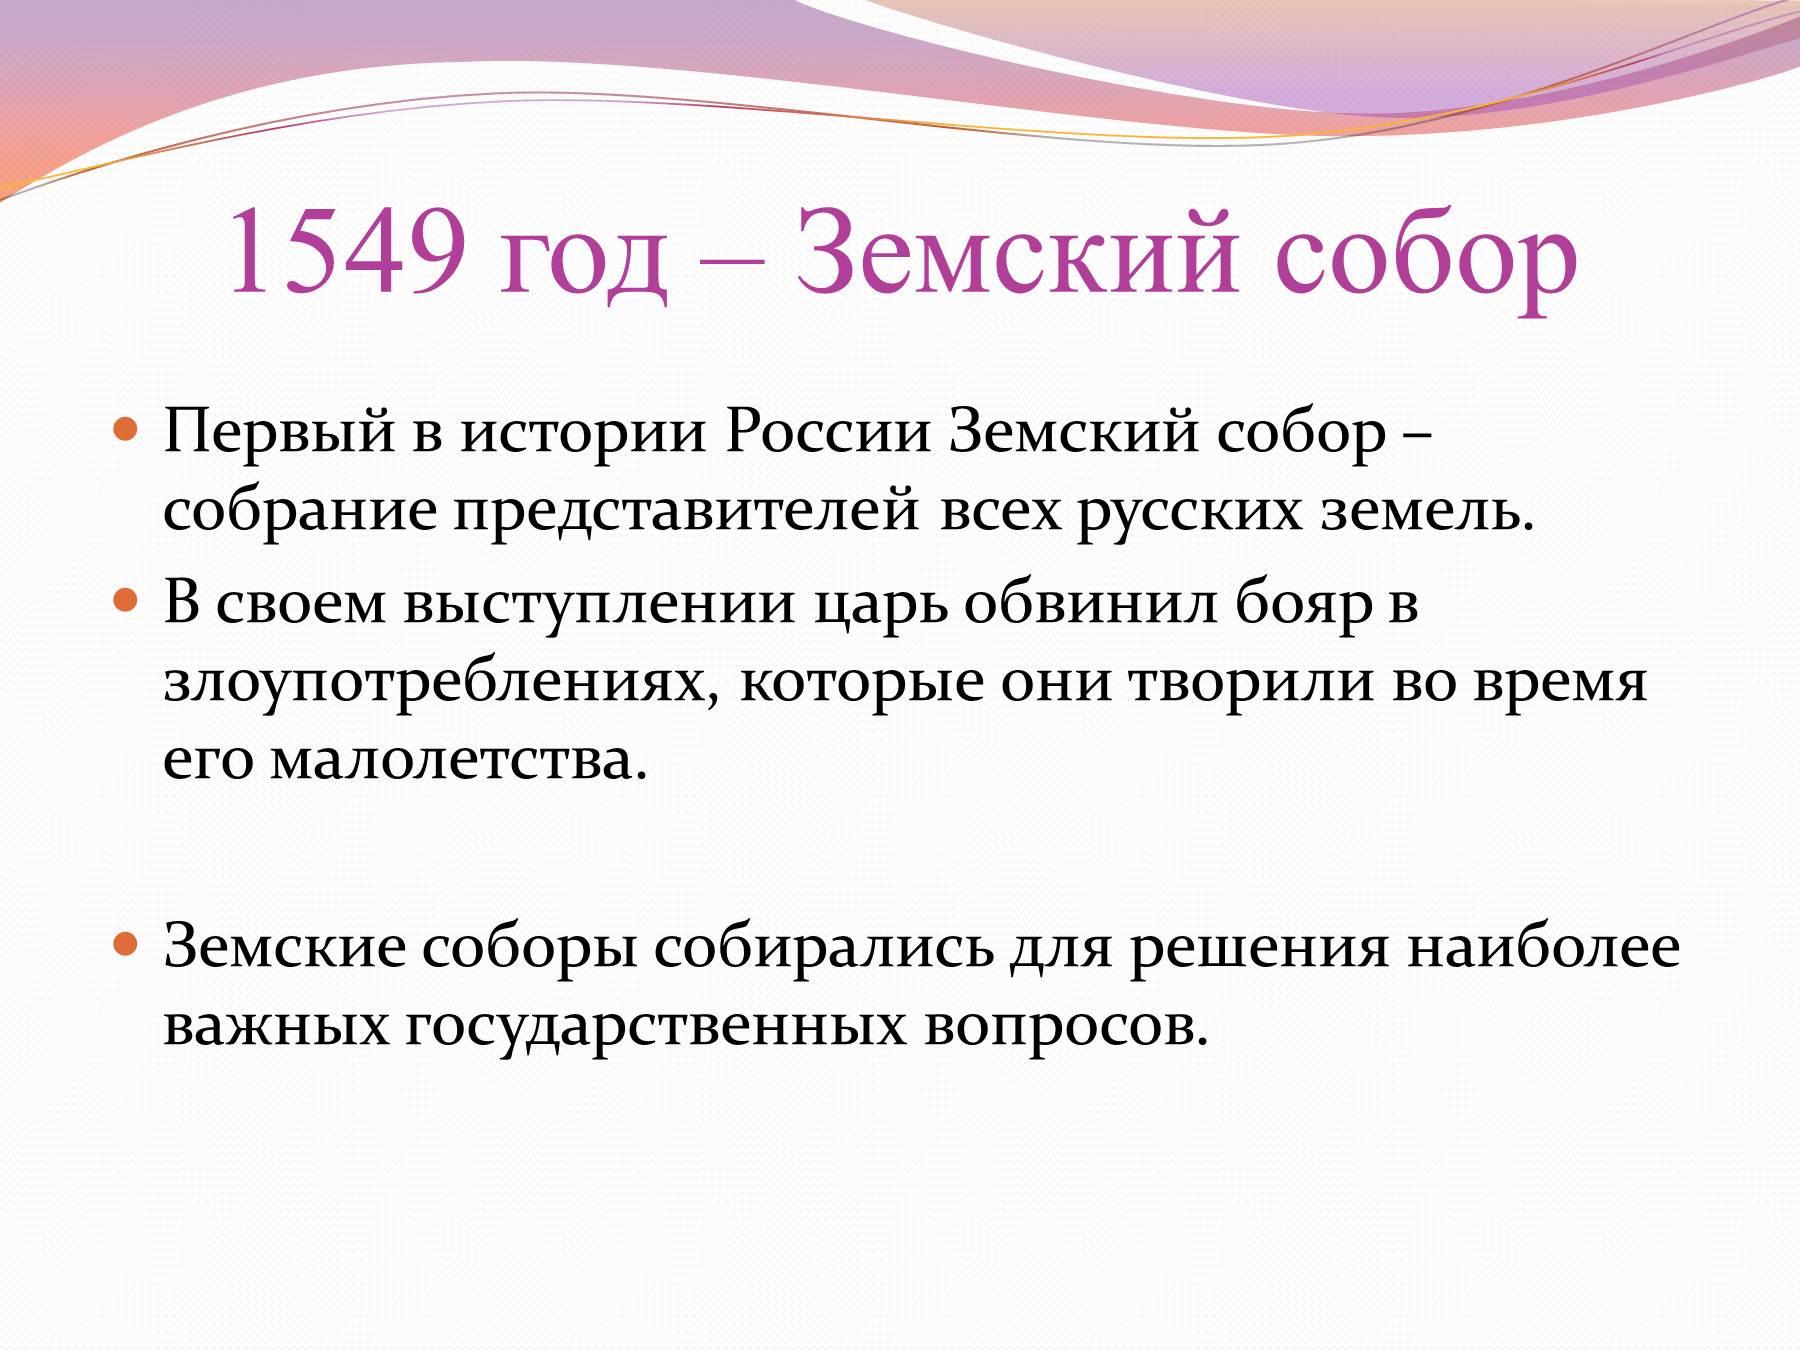 Схема управление россией при иване 4